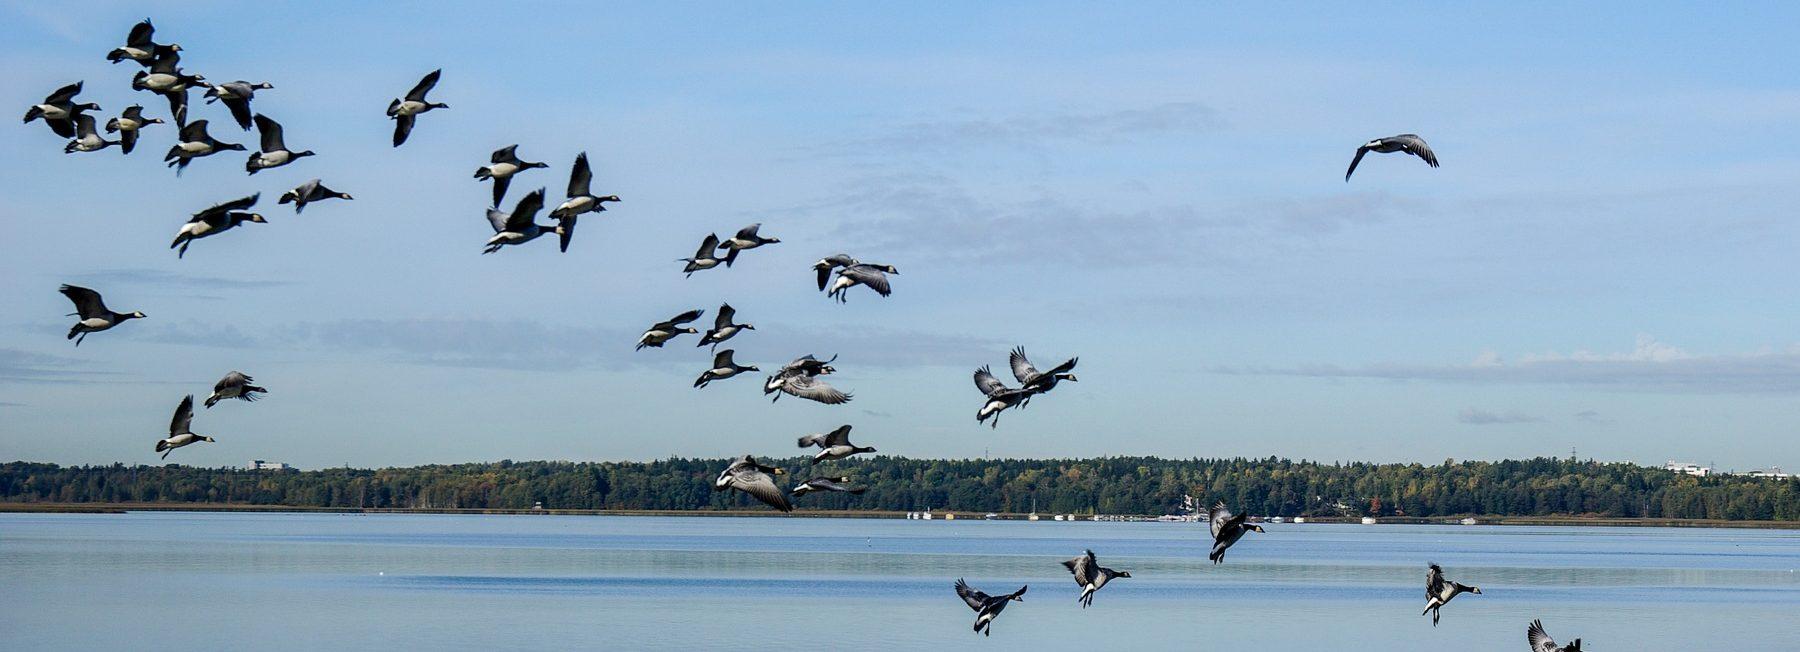 Un 29% de las aves comunes desaparece en América del Norte y Canadá